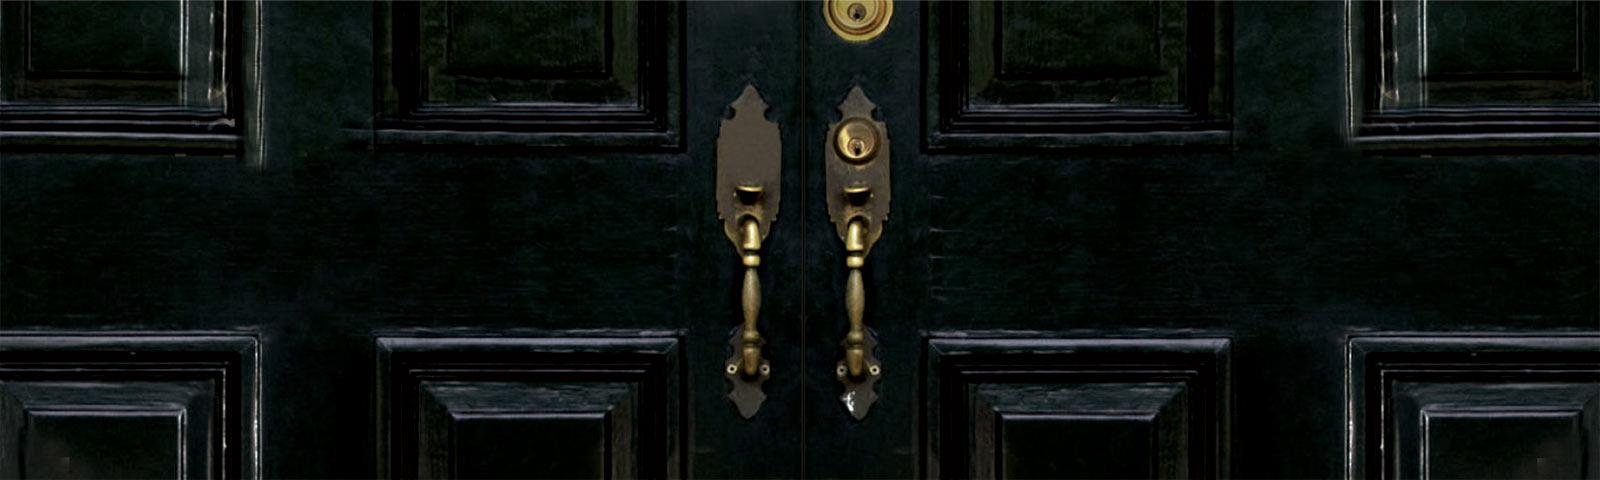 Be an Opener of Doors. - Ralph Waldo Emerson